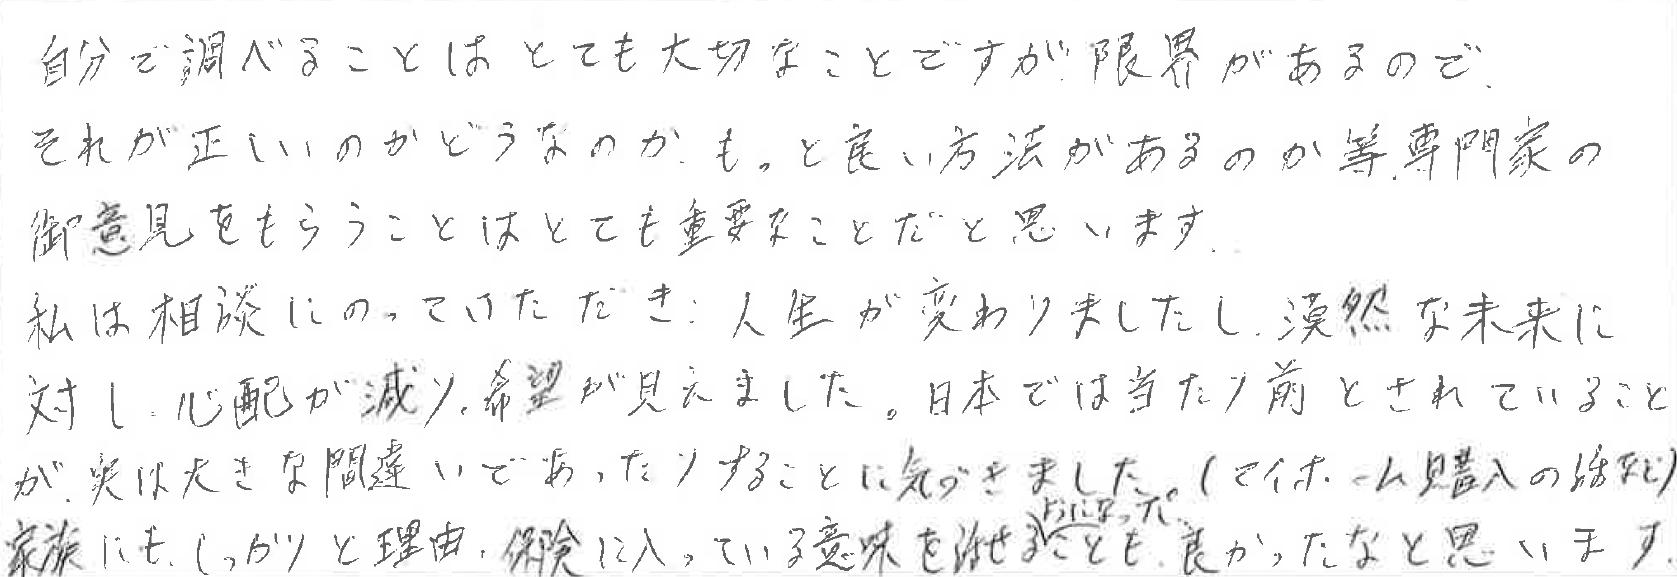 自分が調べることはとても大切なことですが限界があるので、それが正しいのかどうなのか、もっと良い方法があるのか等、専門家の御意見をもらうことはとても重要なことだと思います。 私は相談にのっていただき、人生が変わりましたし、漠然な未来に対し心配が減り希望が見えました。 日本では当たり前とされていることが、実は大きな間違いであったりすることに気が付きました(マイホーム購入の話など)。 家族にもしっかりと理由、保険に入っている意味を話せるようになったことも、良かったなと思います。